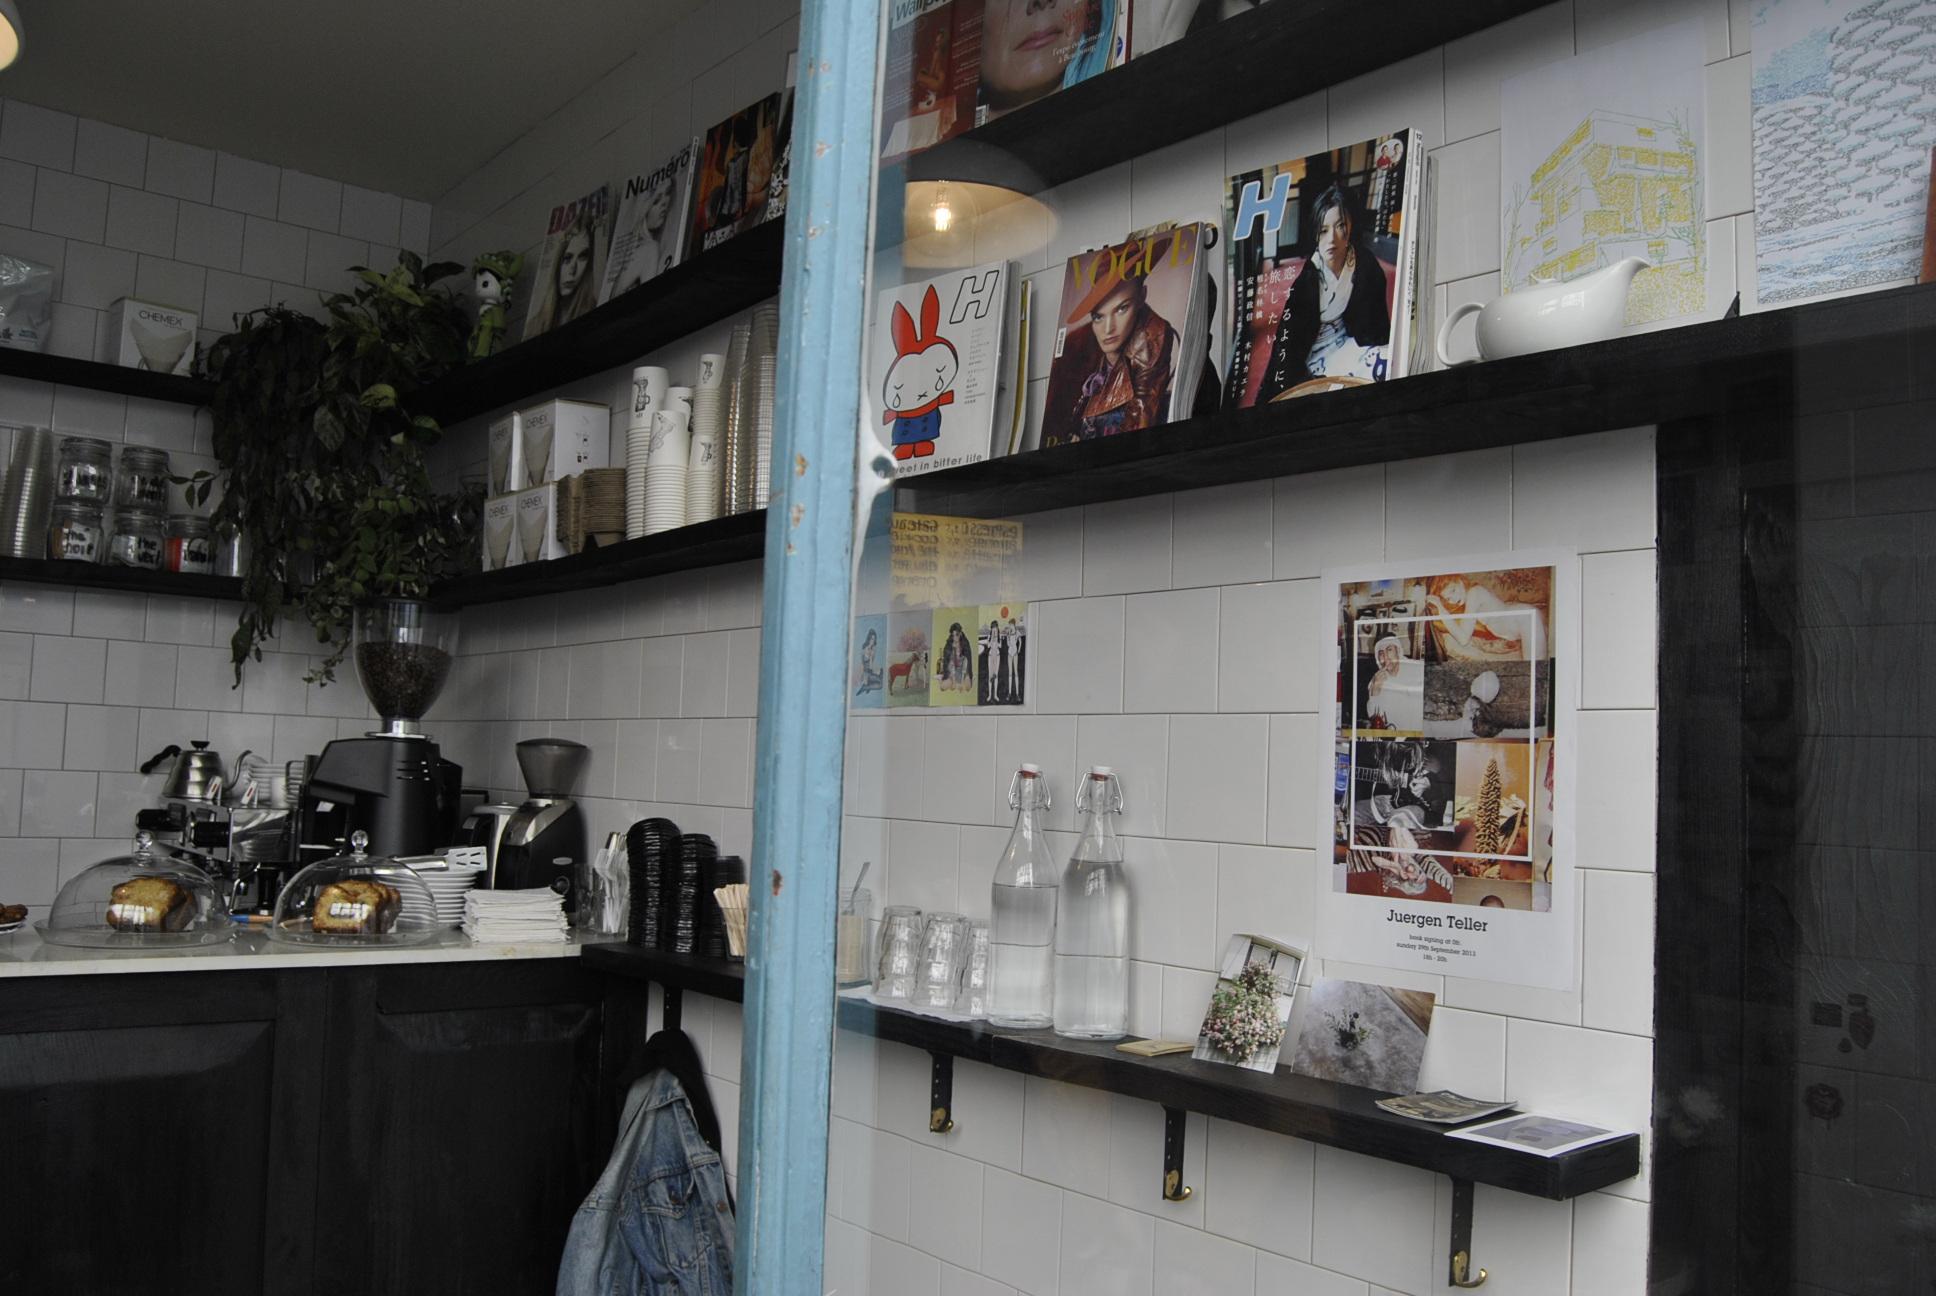 decor1 boots cafe paris